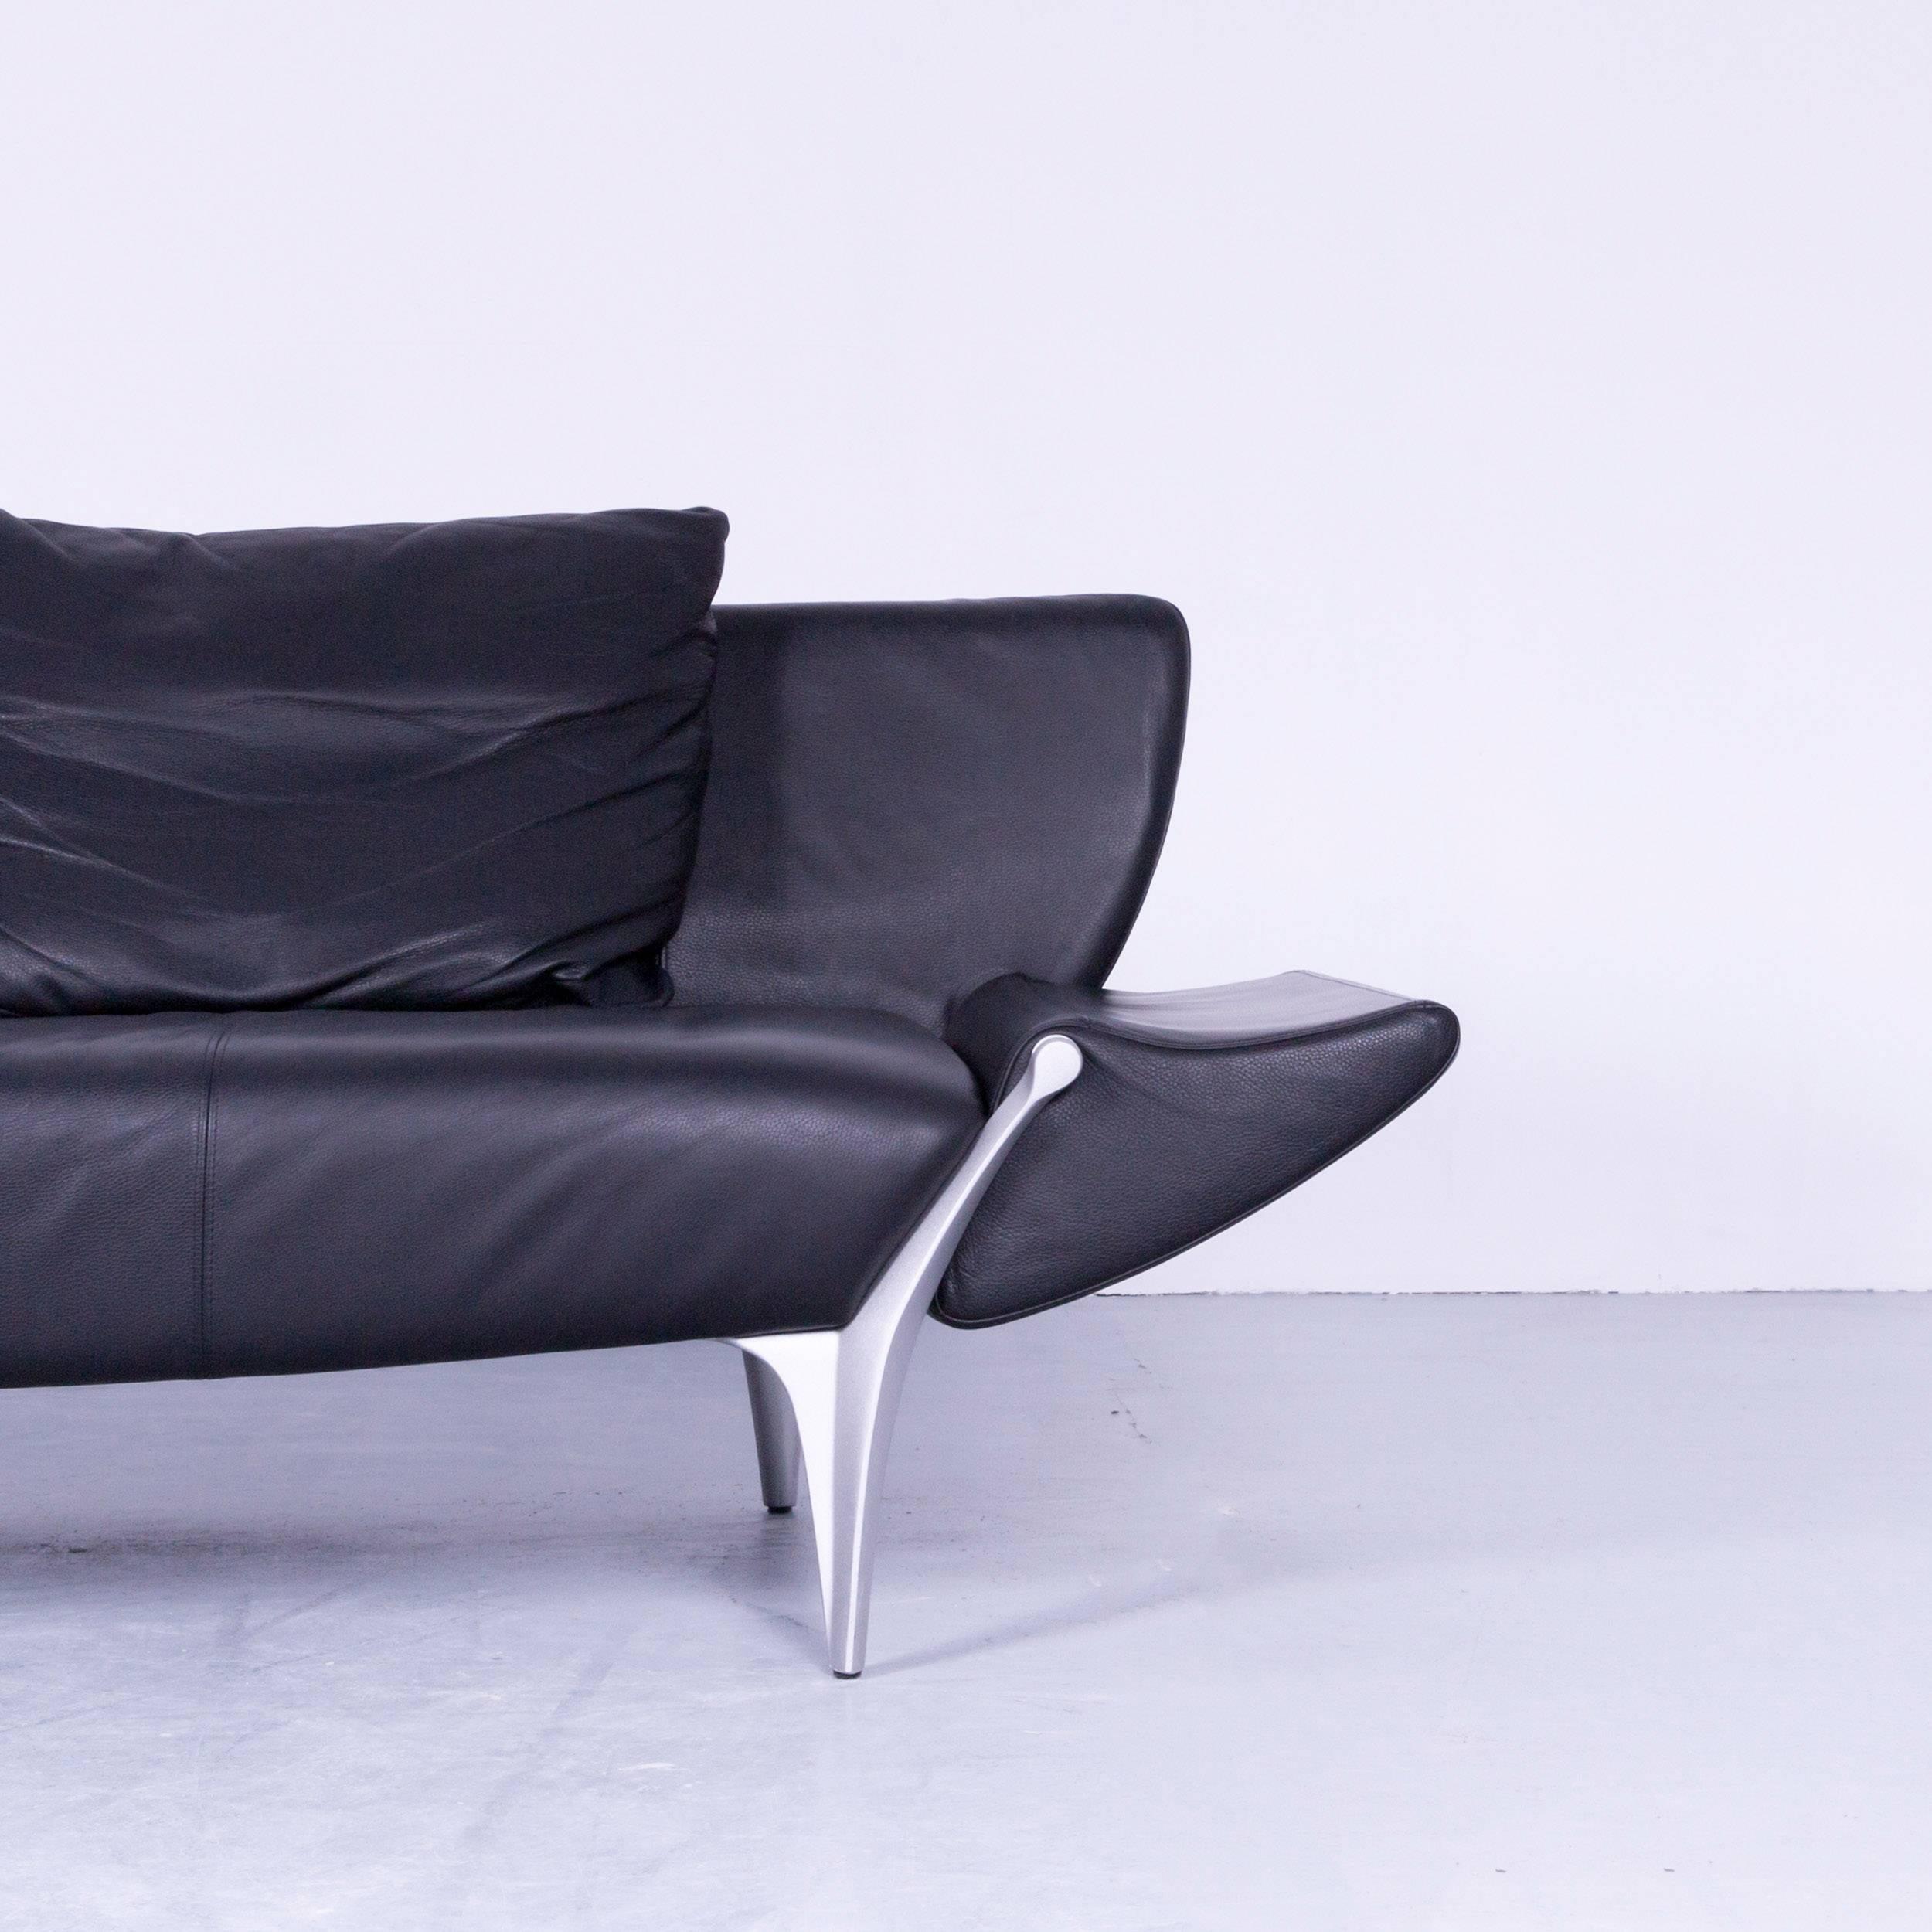 sofa schwarz leder awesome sofa schwarz leder beispiel. Black Bedroom Furniture Sets. Home Design Ideas